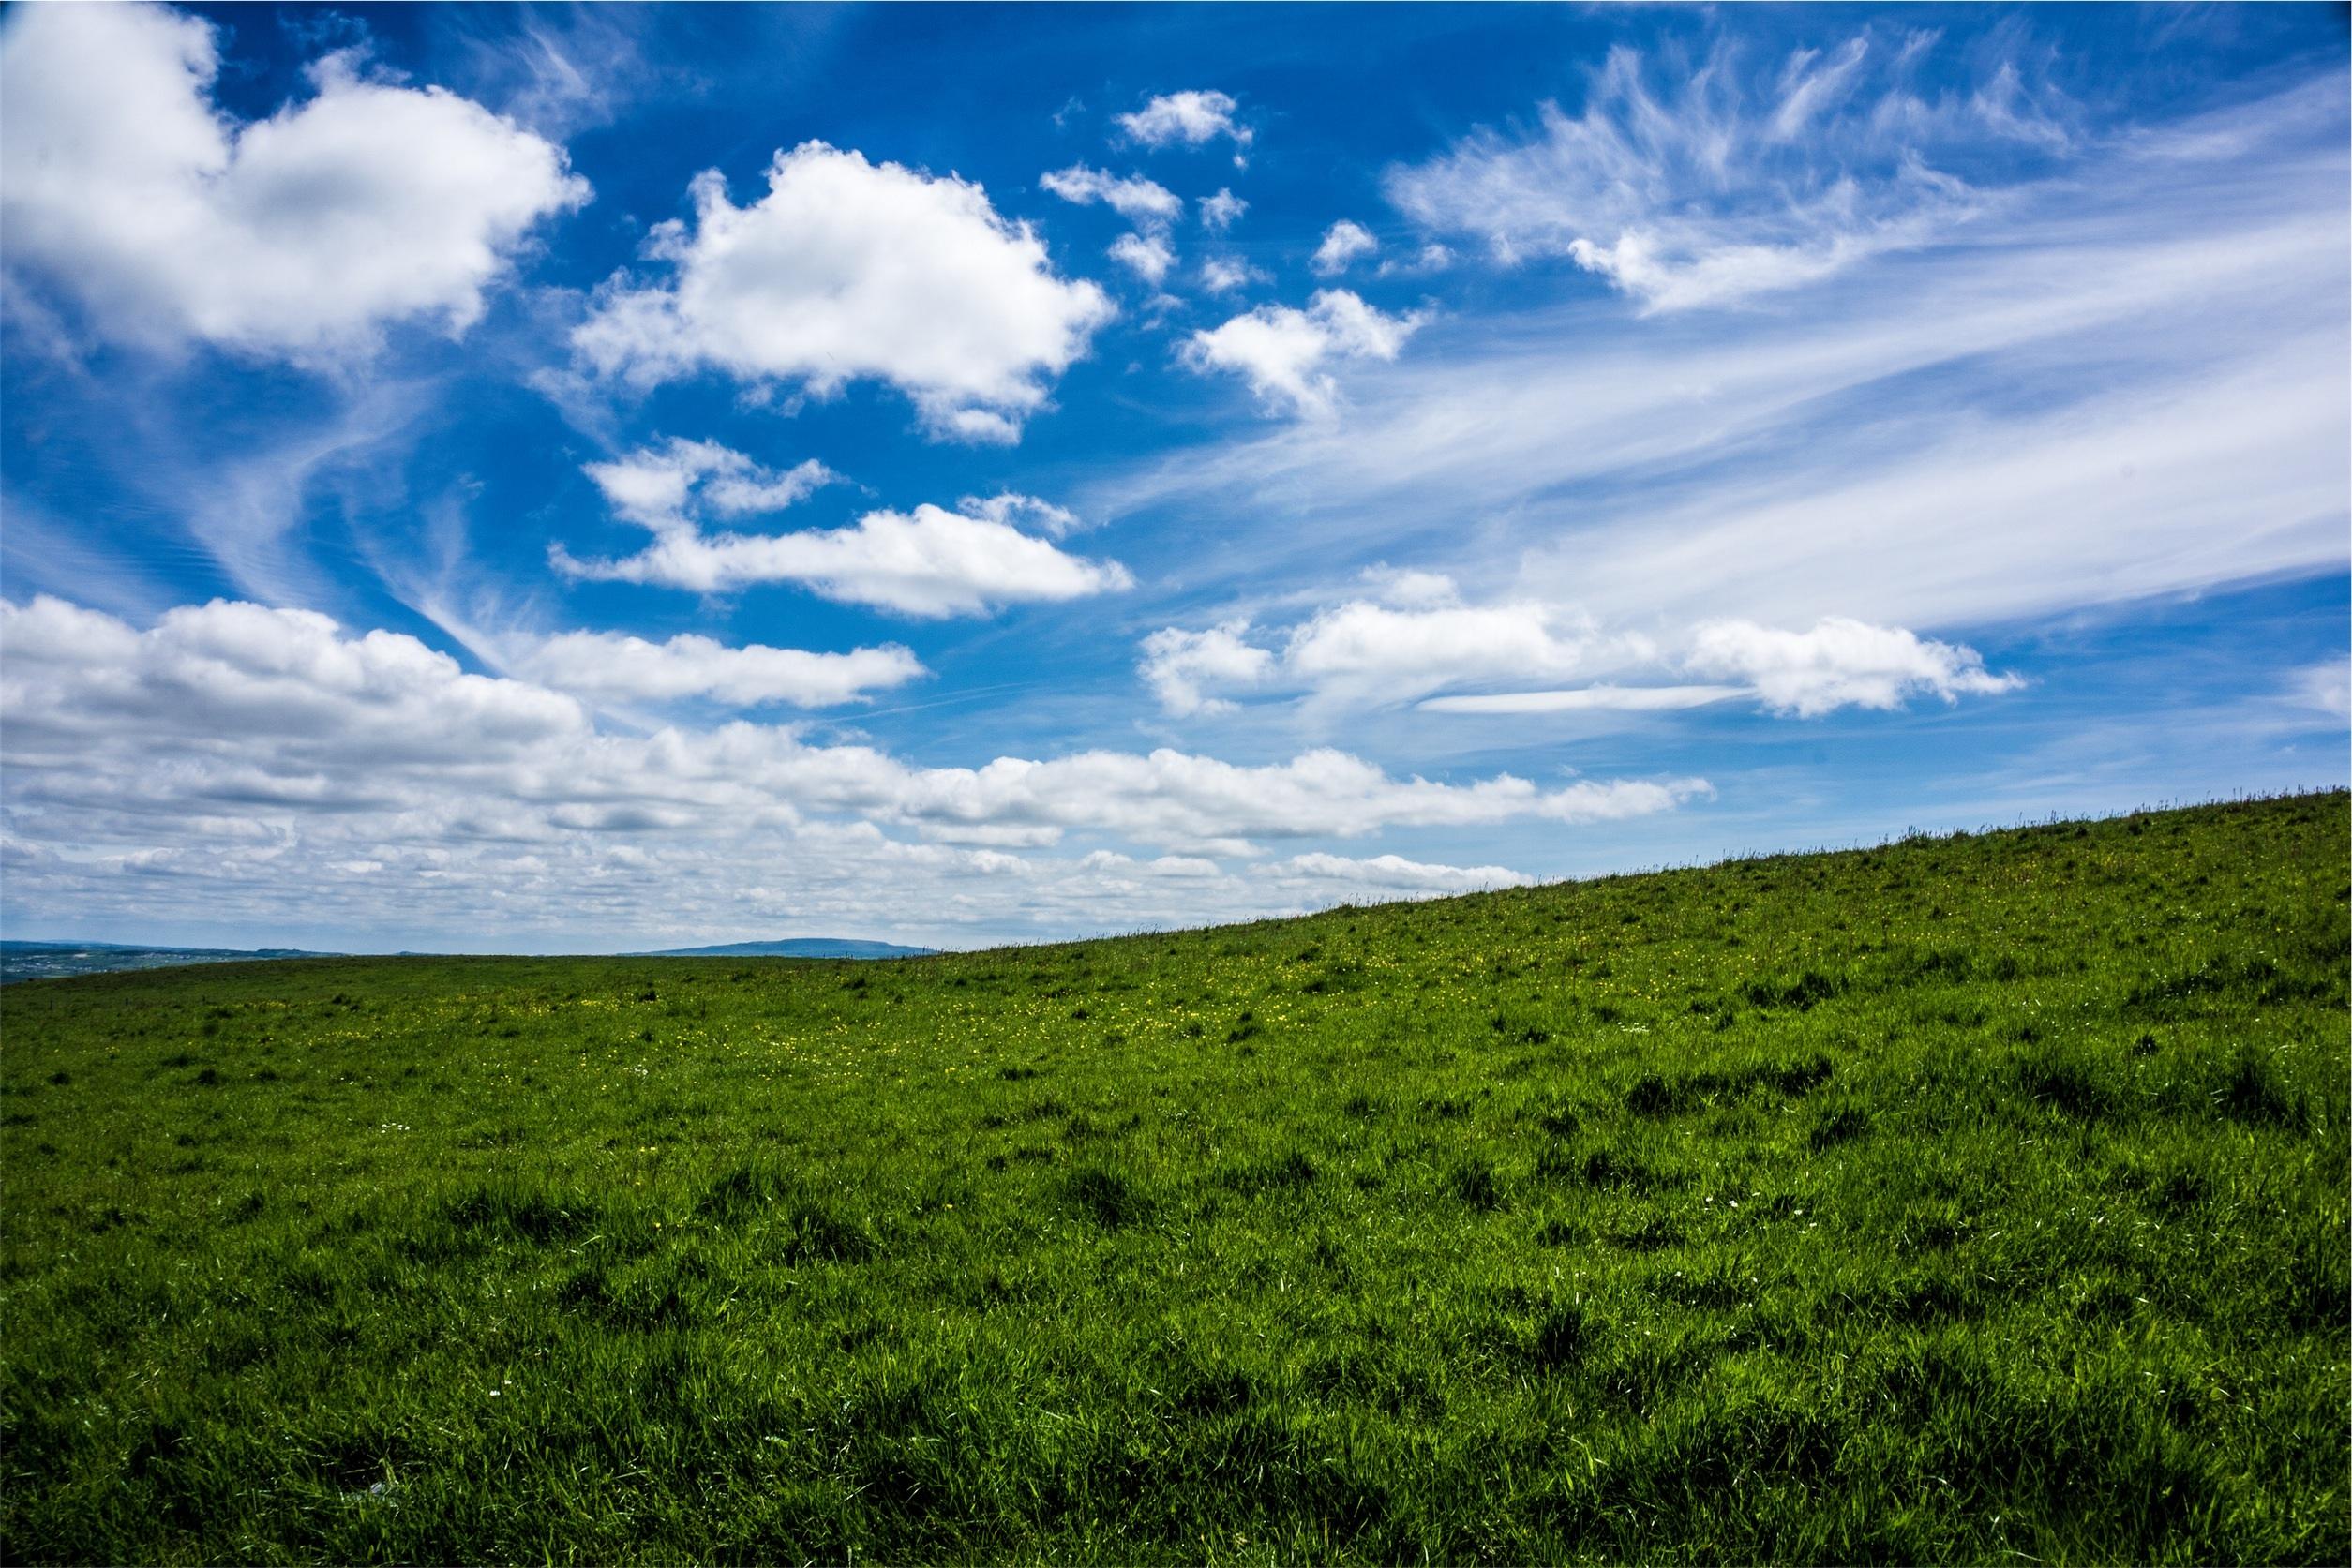 чистое небо и луг картинки сережка